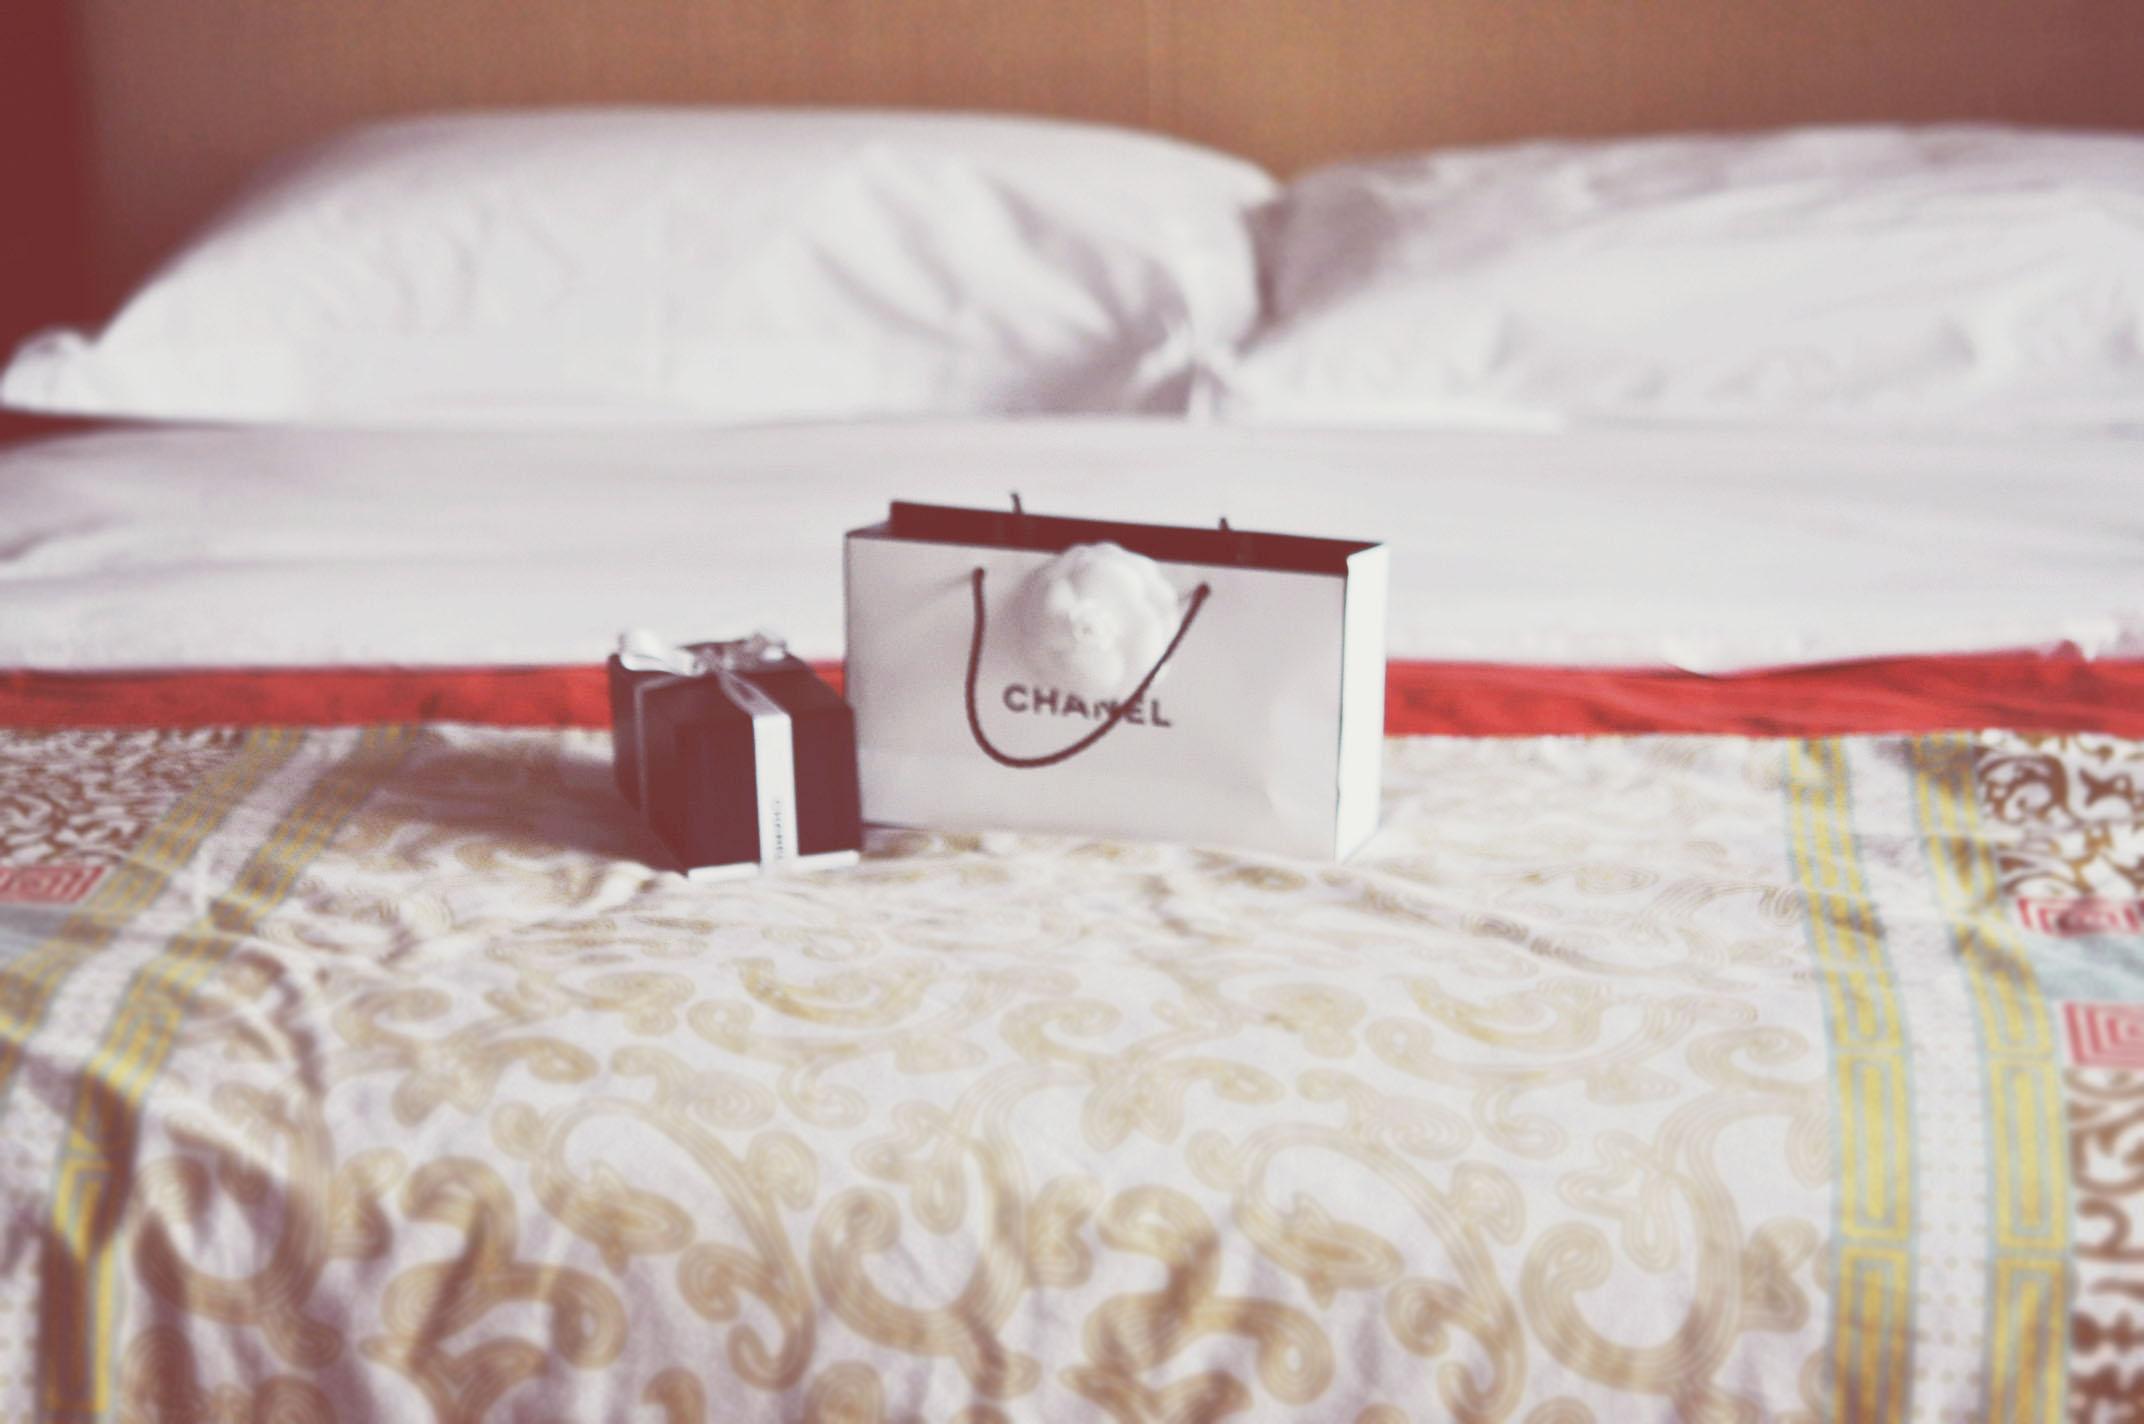 Sfondi camera cuscino camera da letto chanel borsa materiale mobilia tessile prodotto - Telaio del letto ...